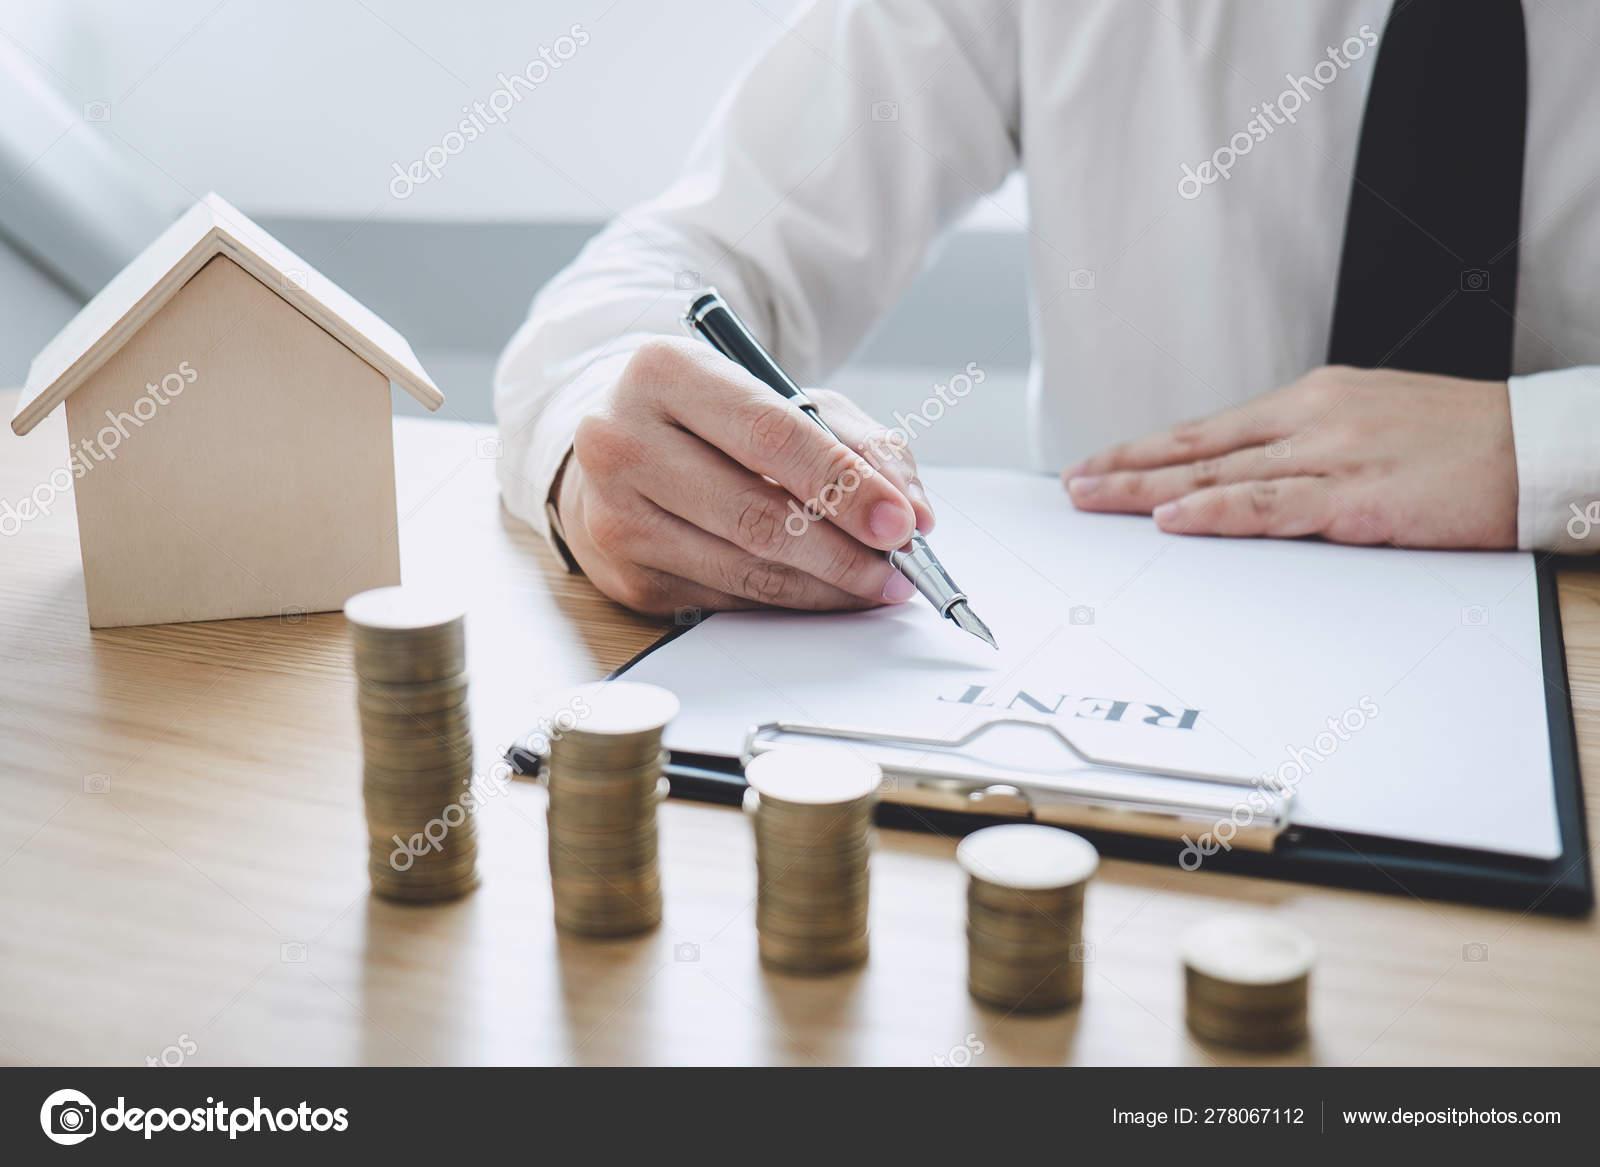 Онлайн заявка на кредит во все банки сразу без справок и поручителей набережные челны